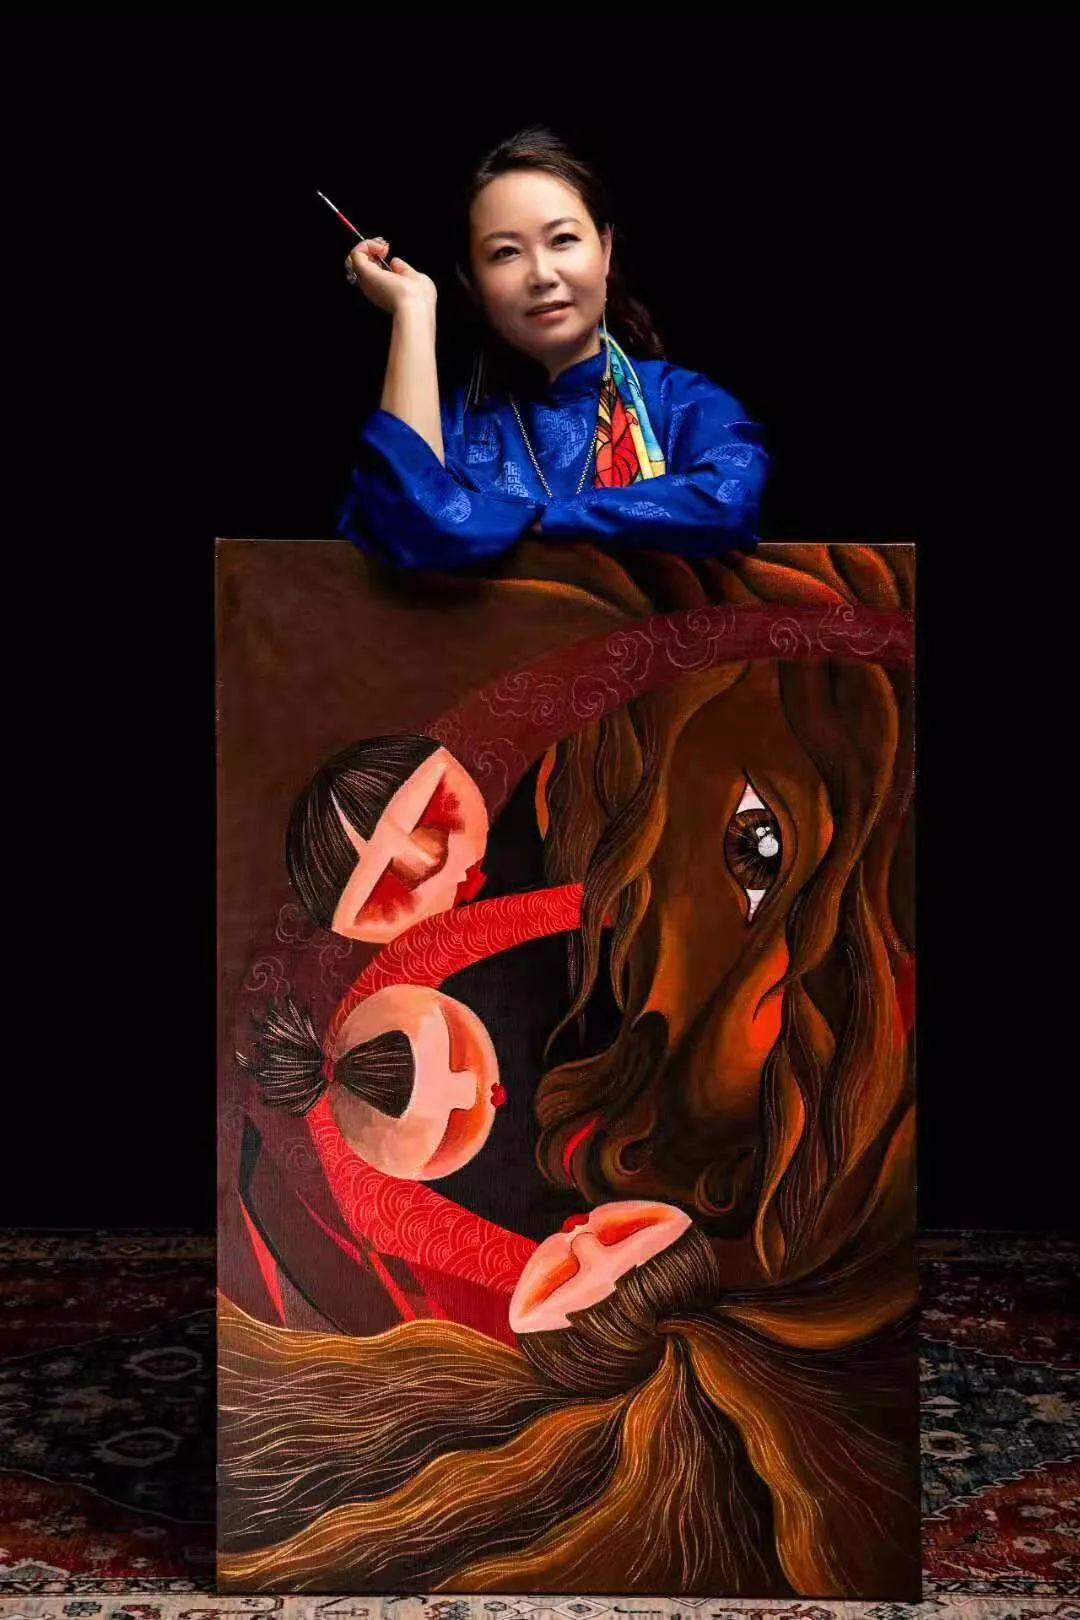 苏龙嘎老师《神骏》个人画展 第19张 苏龙嘎老师《神骏》个人画展 蒙古画廊